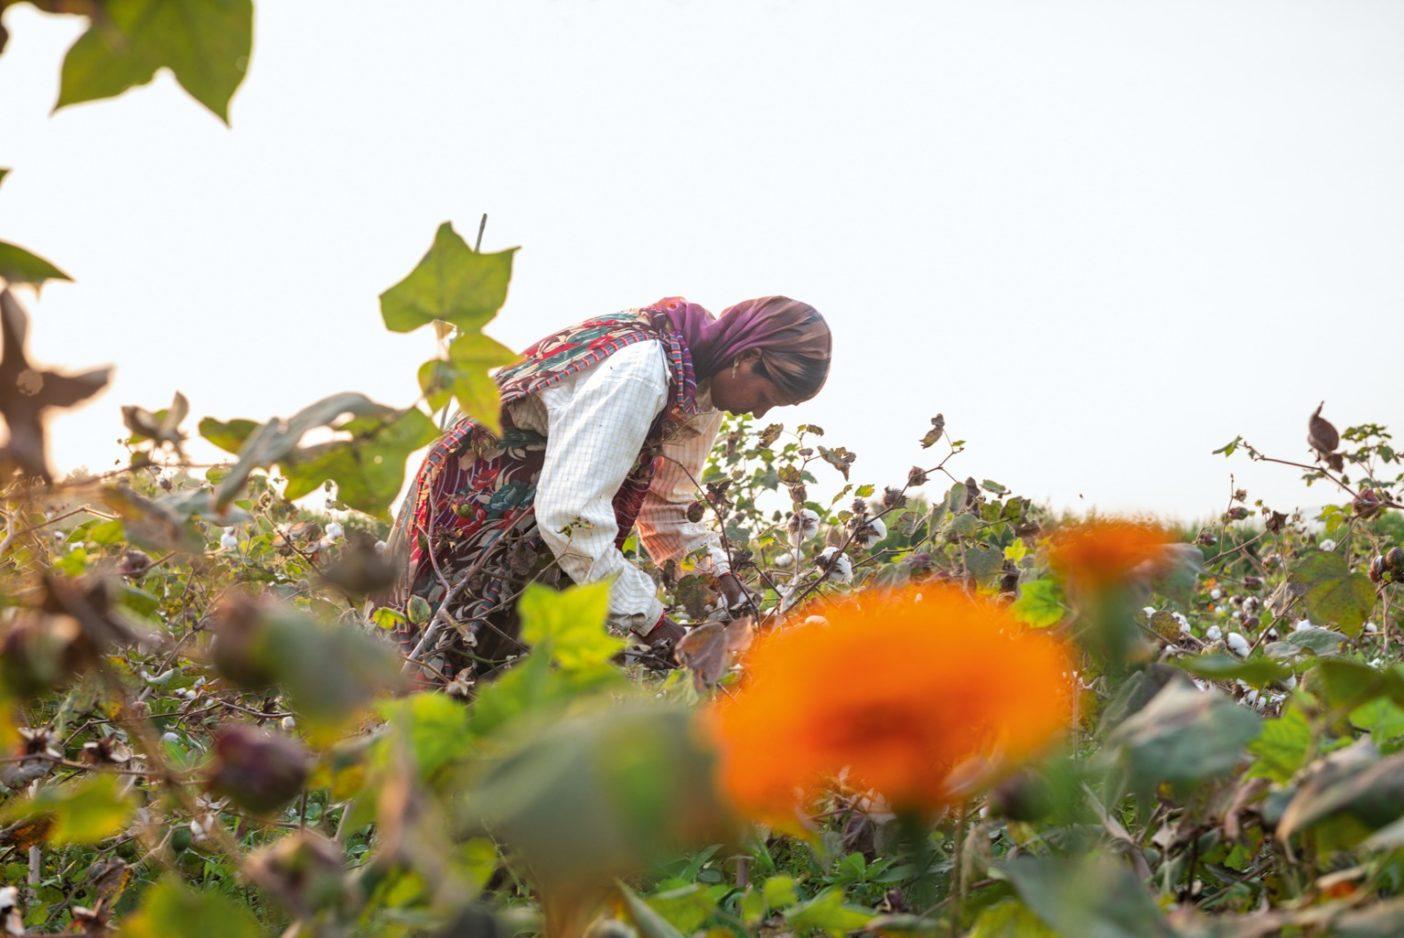 インドでROCを目指す150件以上の小規模農場のひとつで、綿の木を点検する農家。この自然の仕組みのなかで一緒に植えられた鮮やかな色のマリーゴールドやその他の植物は、害虫を引きつける無毒の対策として用いられている。Photo:Tim Davis